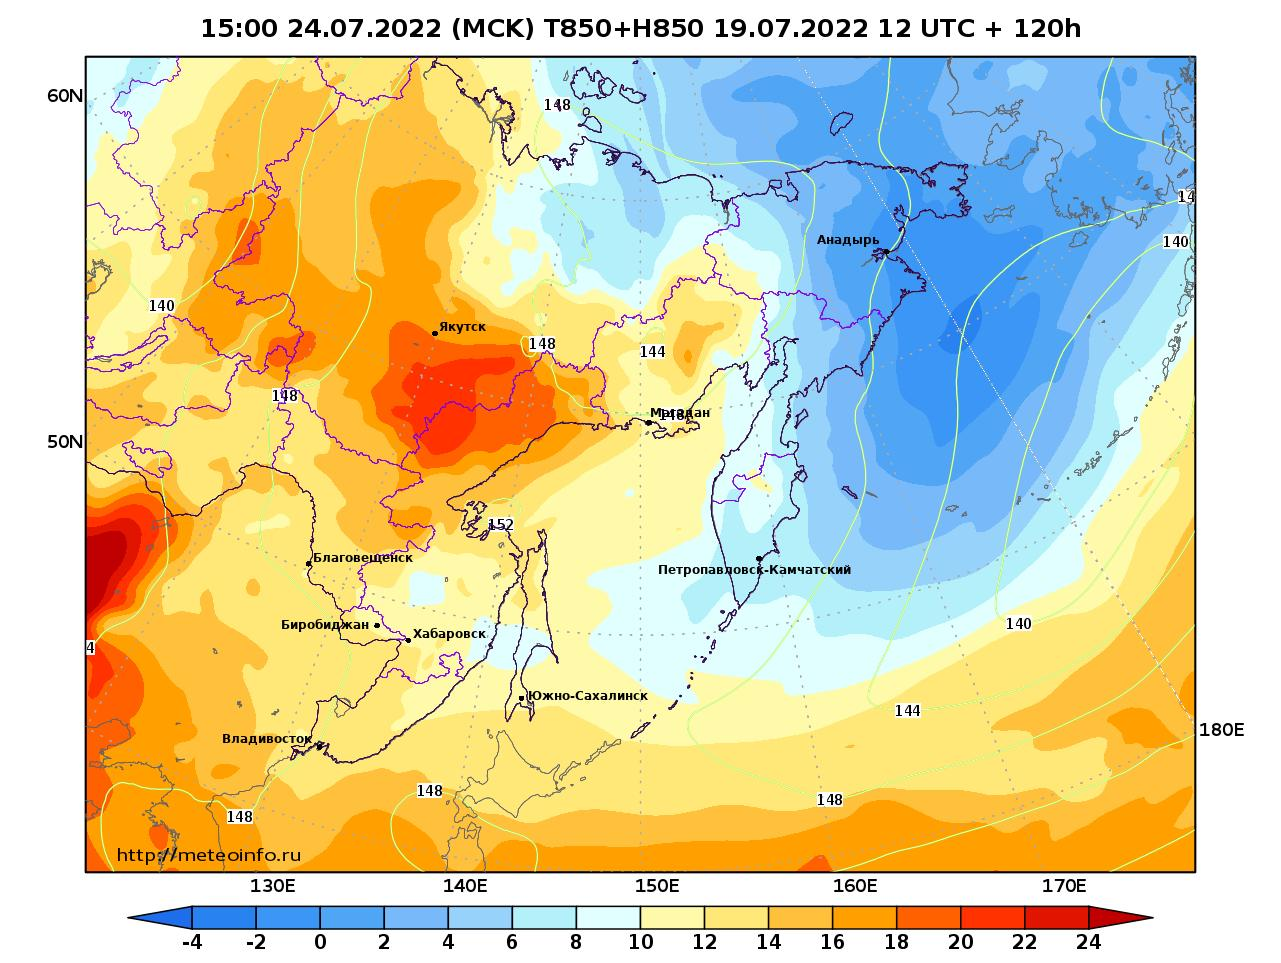 Дальний Восток, прогностическая карта температура T850 и геопотенциал H850, заблаговременность прогноза 120 часов